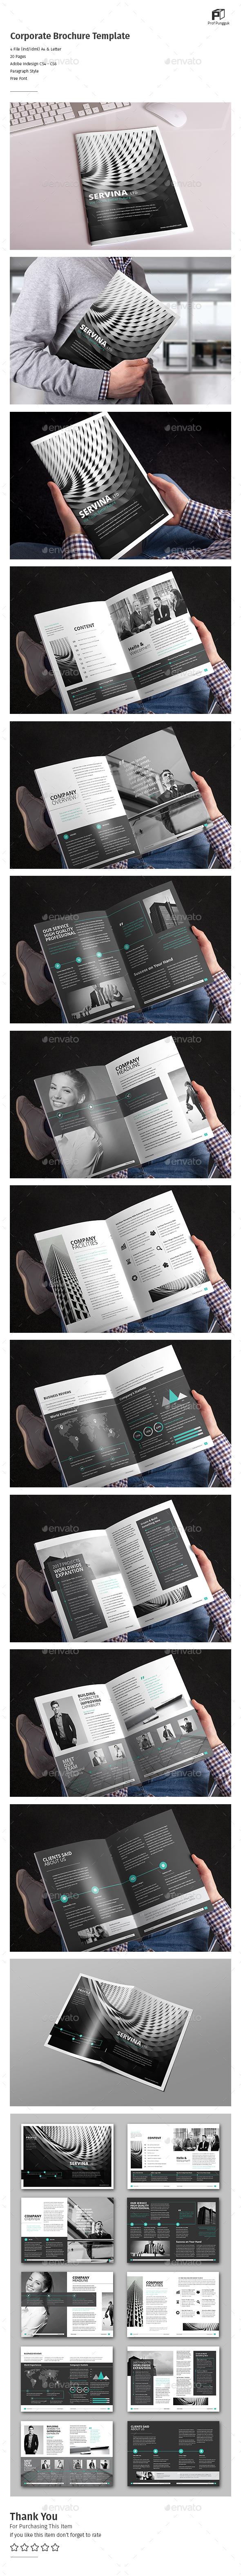 Corporate Brochure Vol.11 - Corporate Brochures